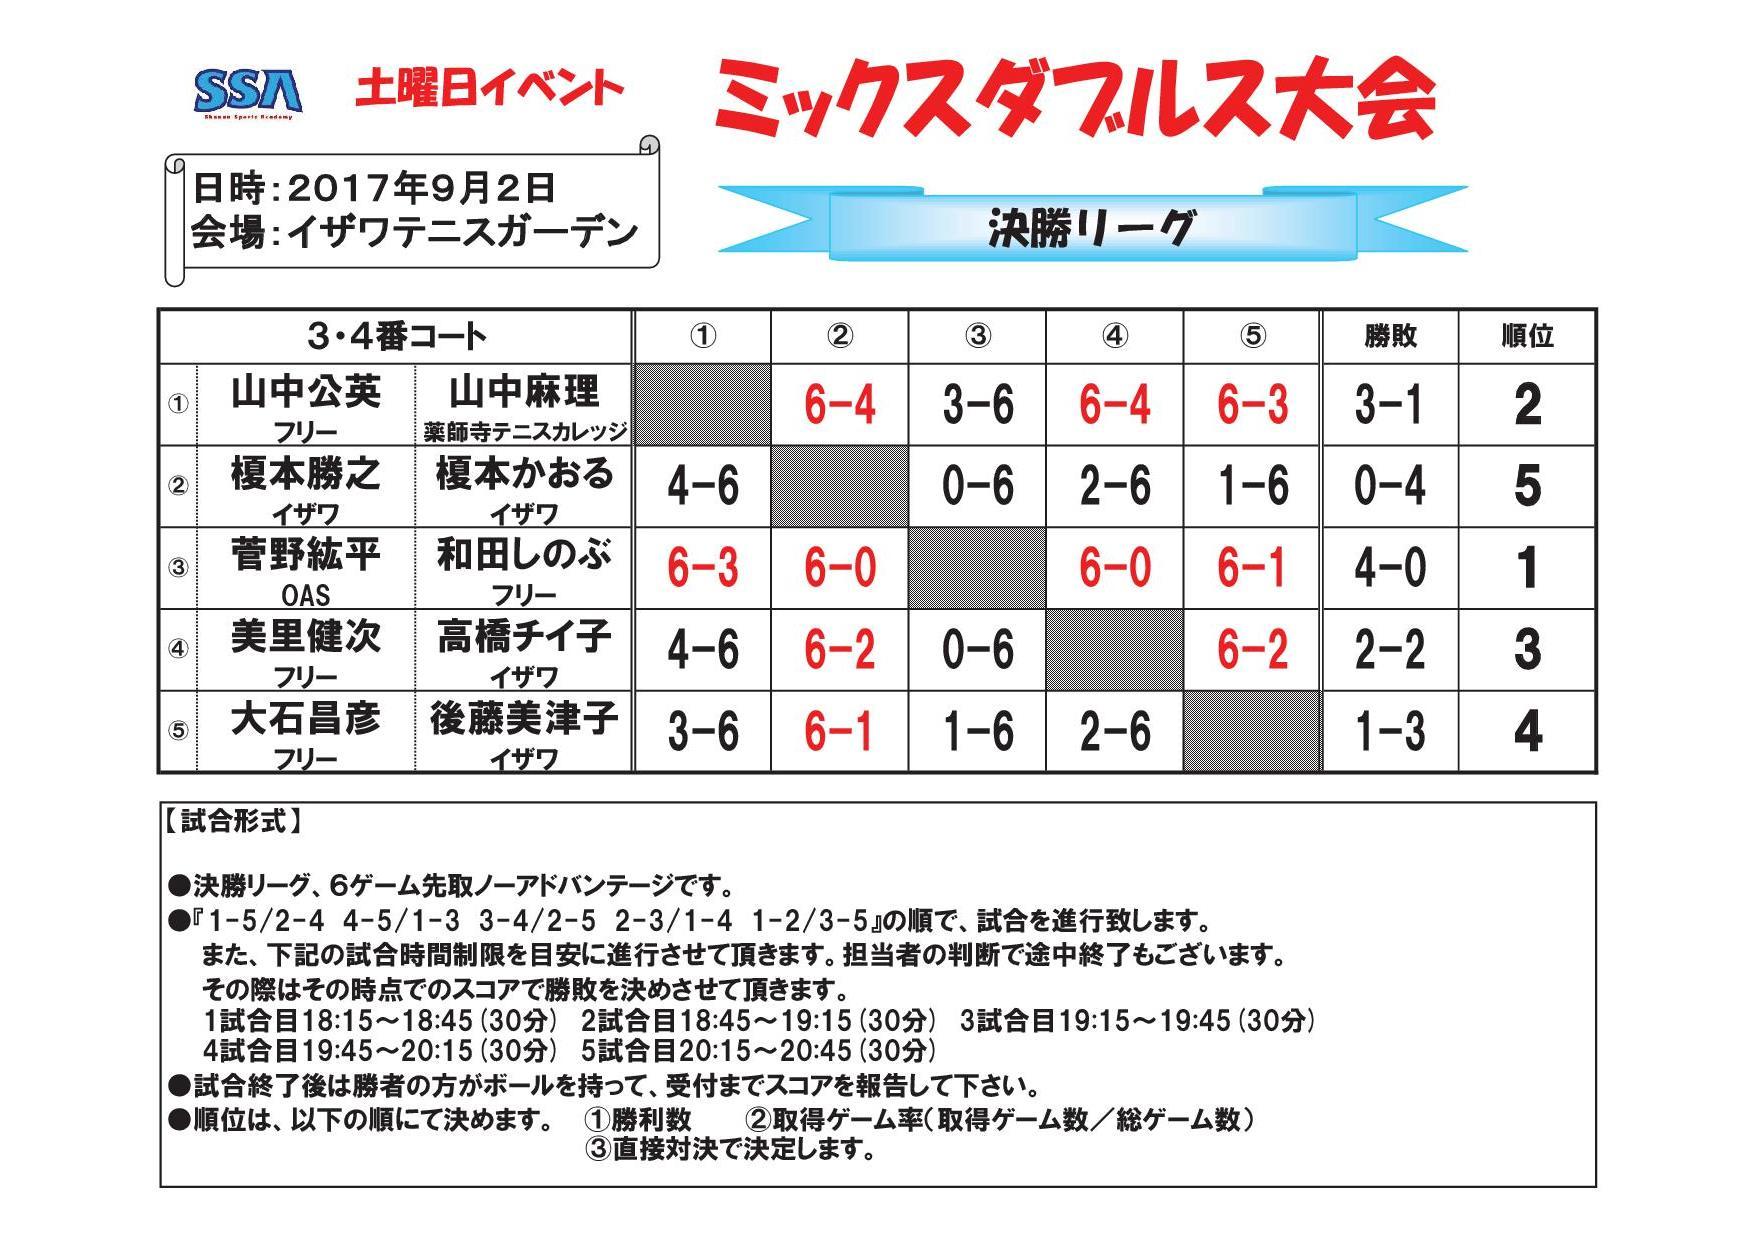 20170902土曜日イベントドロー明細